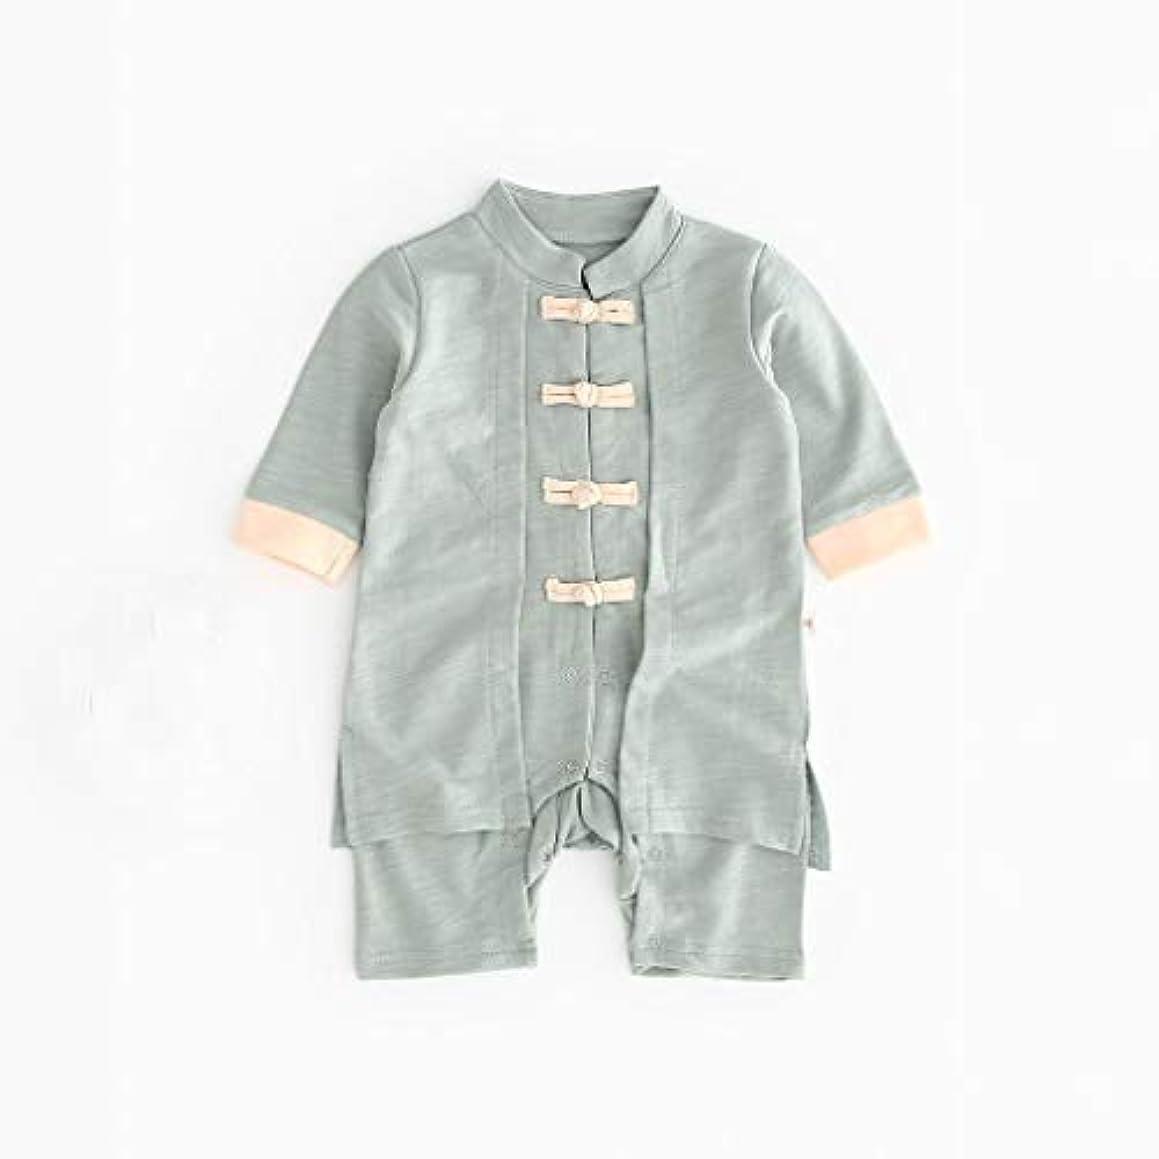 男やもめ不確実味かわいいボタン漢風生まれたばかりの赤ちゃん男の子女の子ボタン固体ロンパースジャンプスーツ着物服パジャマ女の子男の子レターストライプ長袖コットンロンパースジャンプスーツ